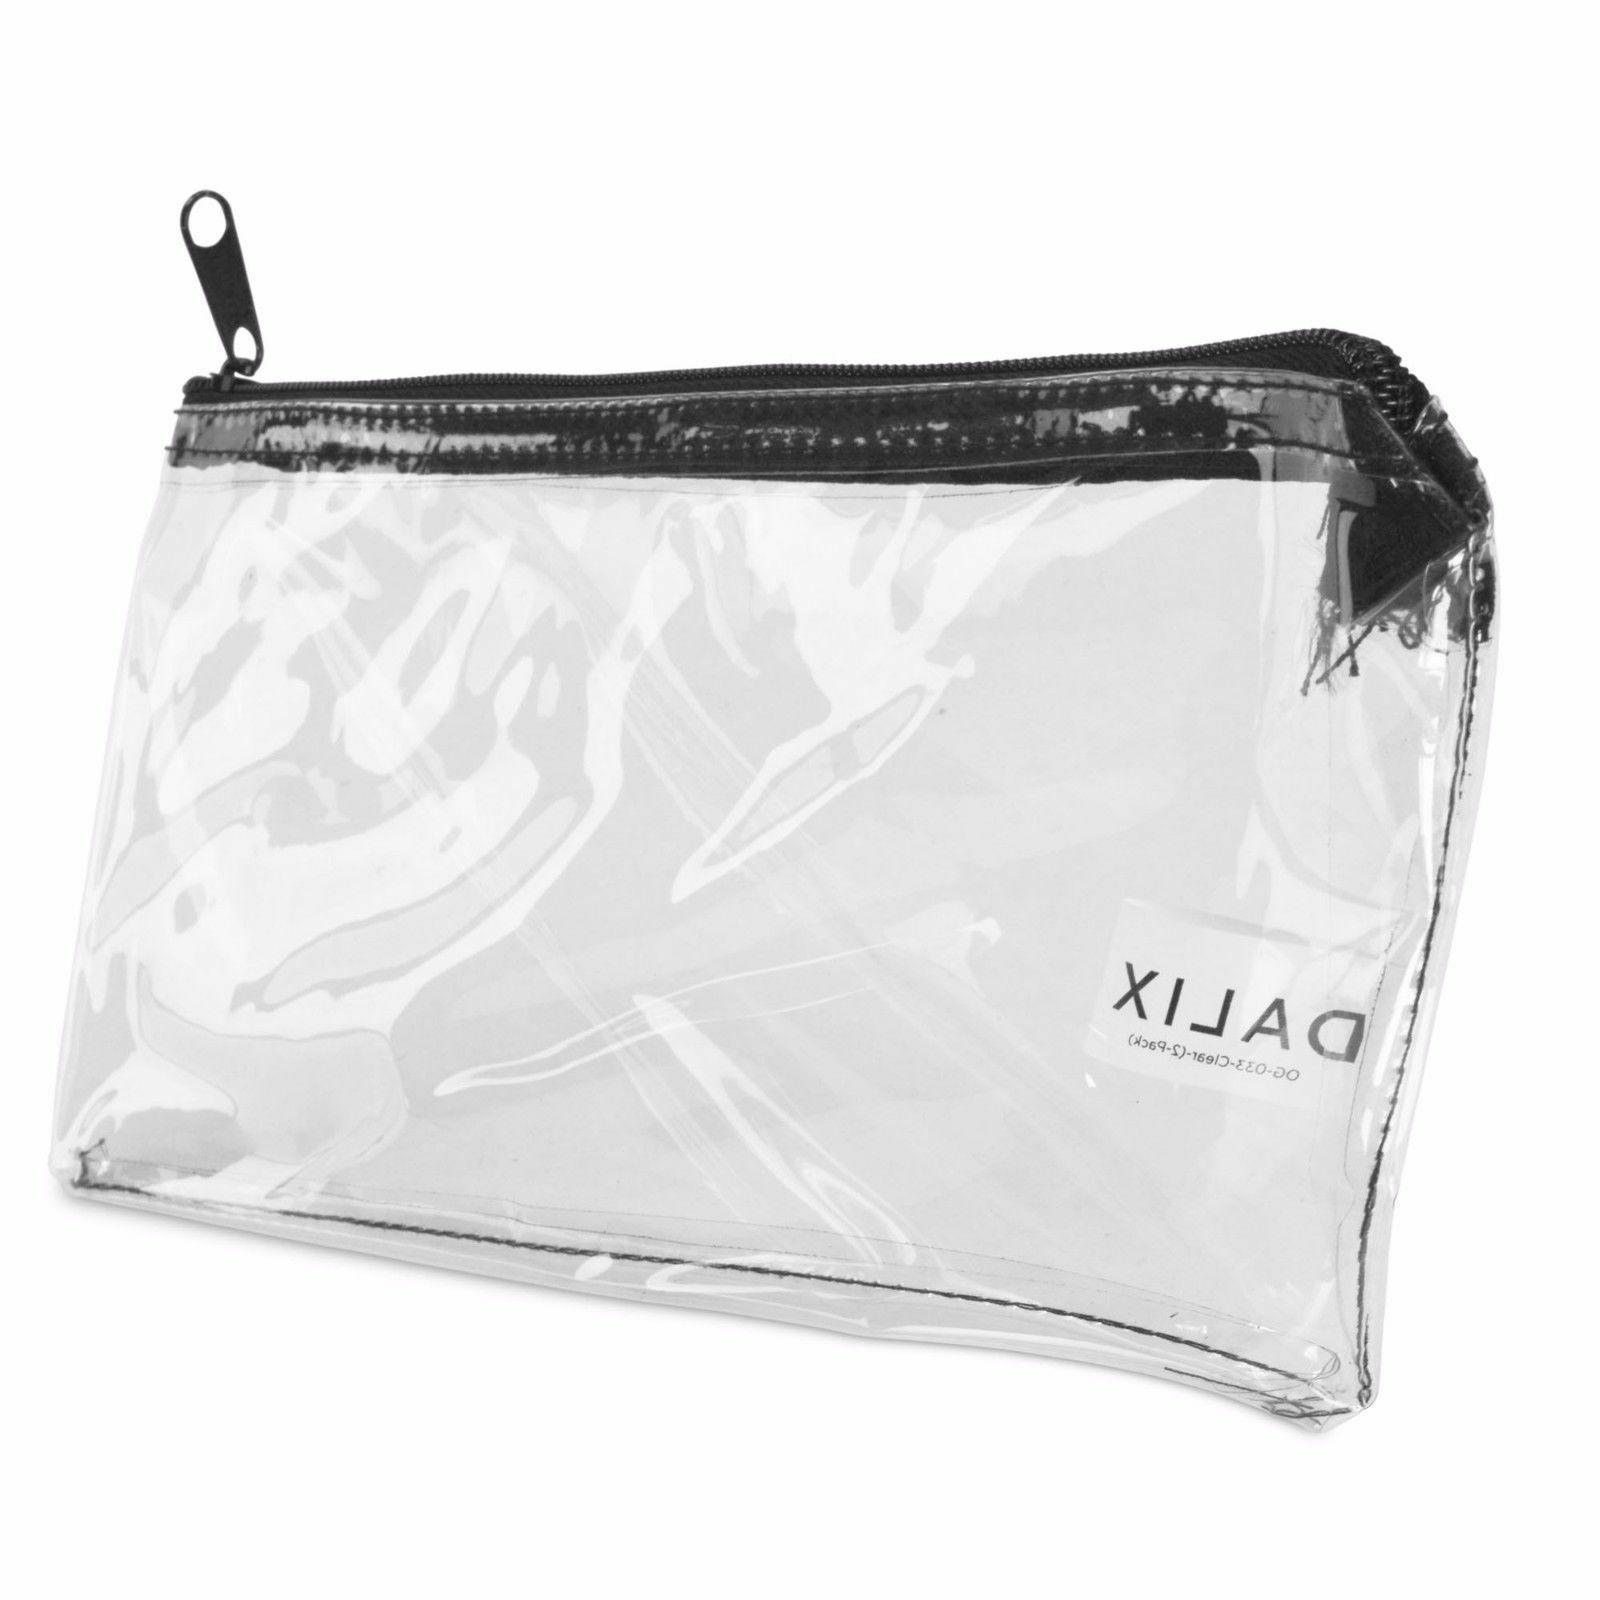 DALIX Zipper Makeup Bag Pencil Travel Holder Clear